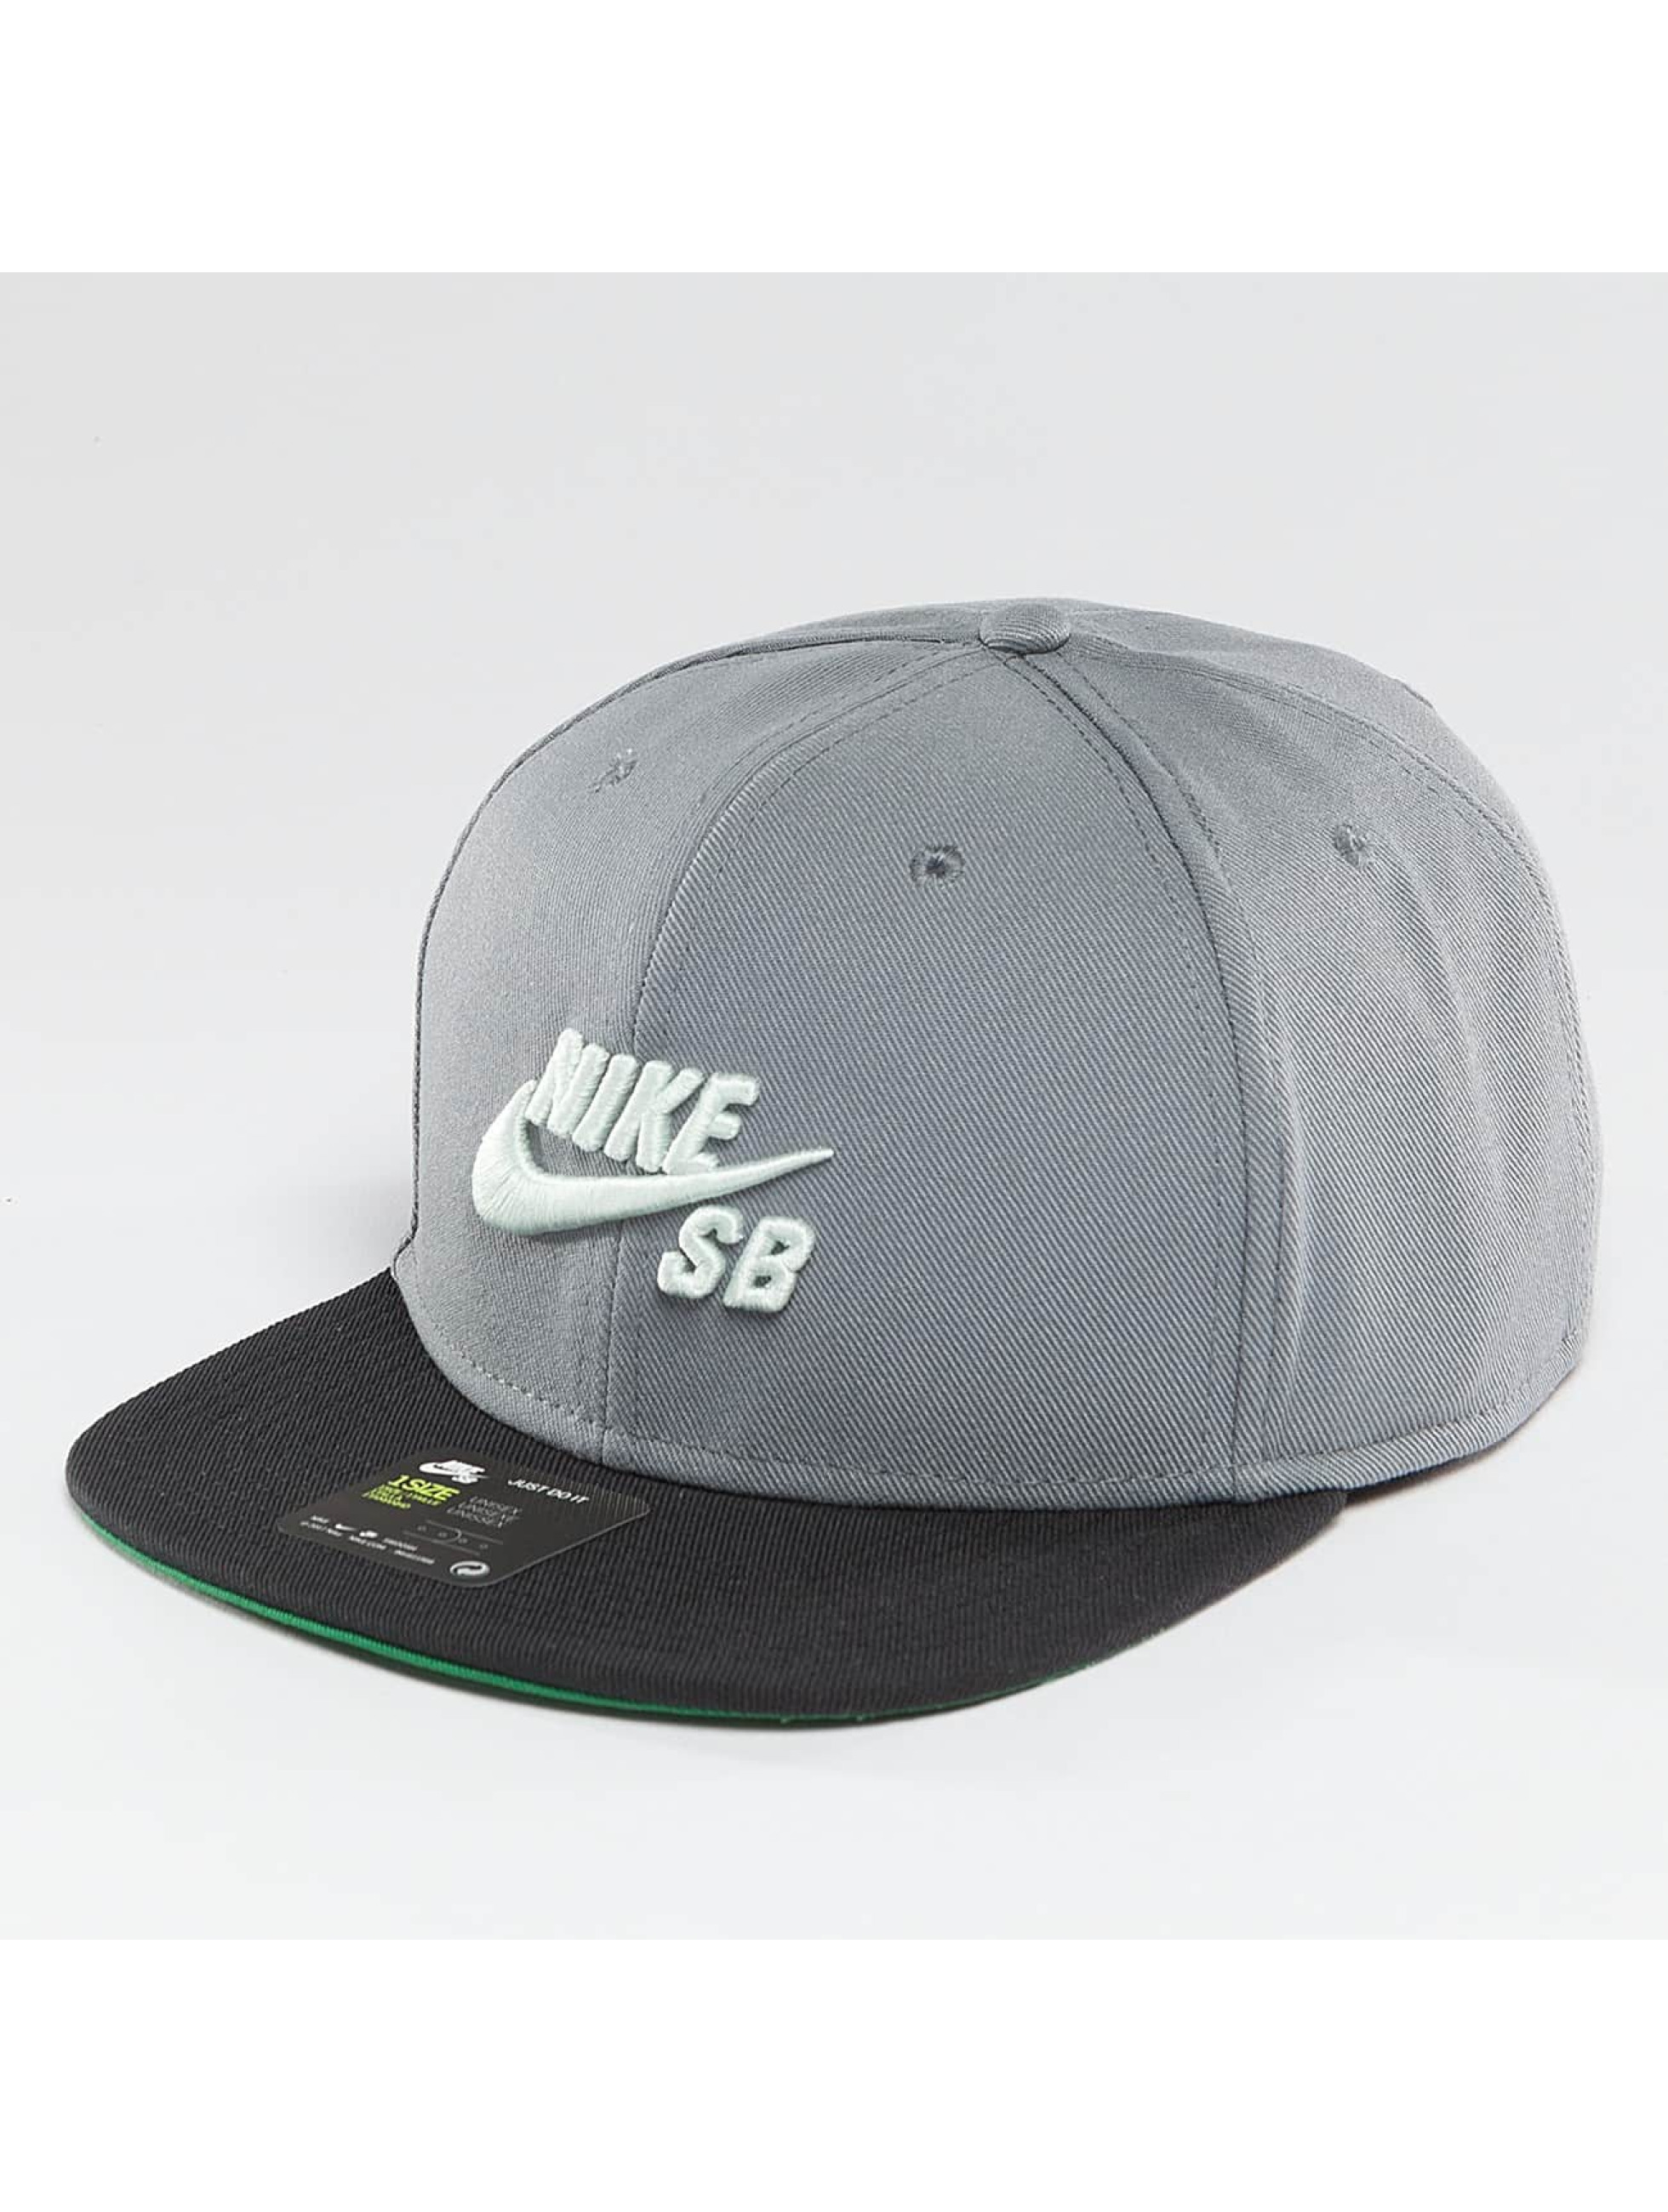 Nike SB Männer,Frauen Snapback Cap Icon in grau